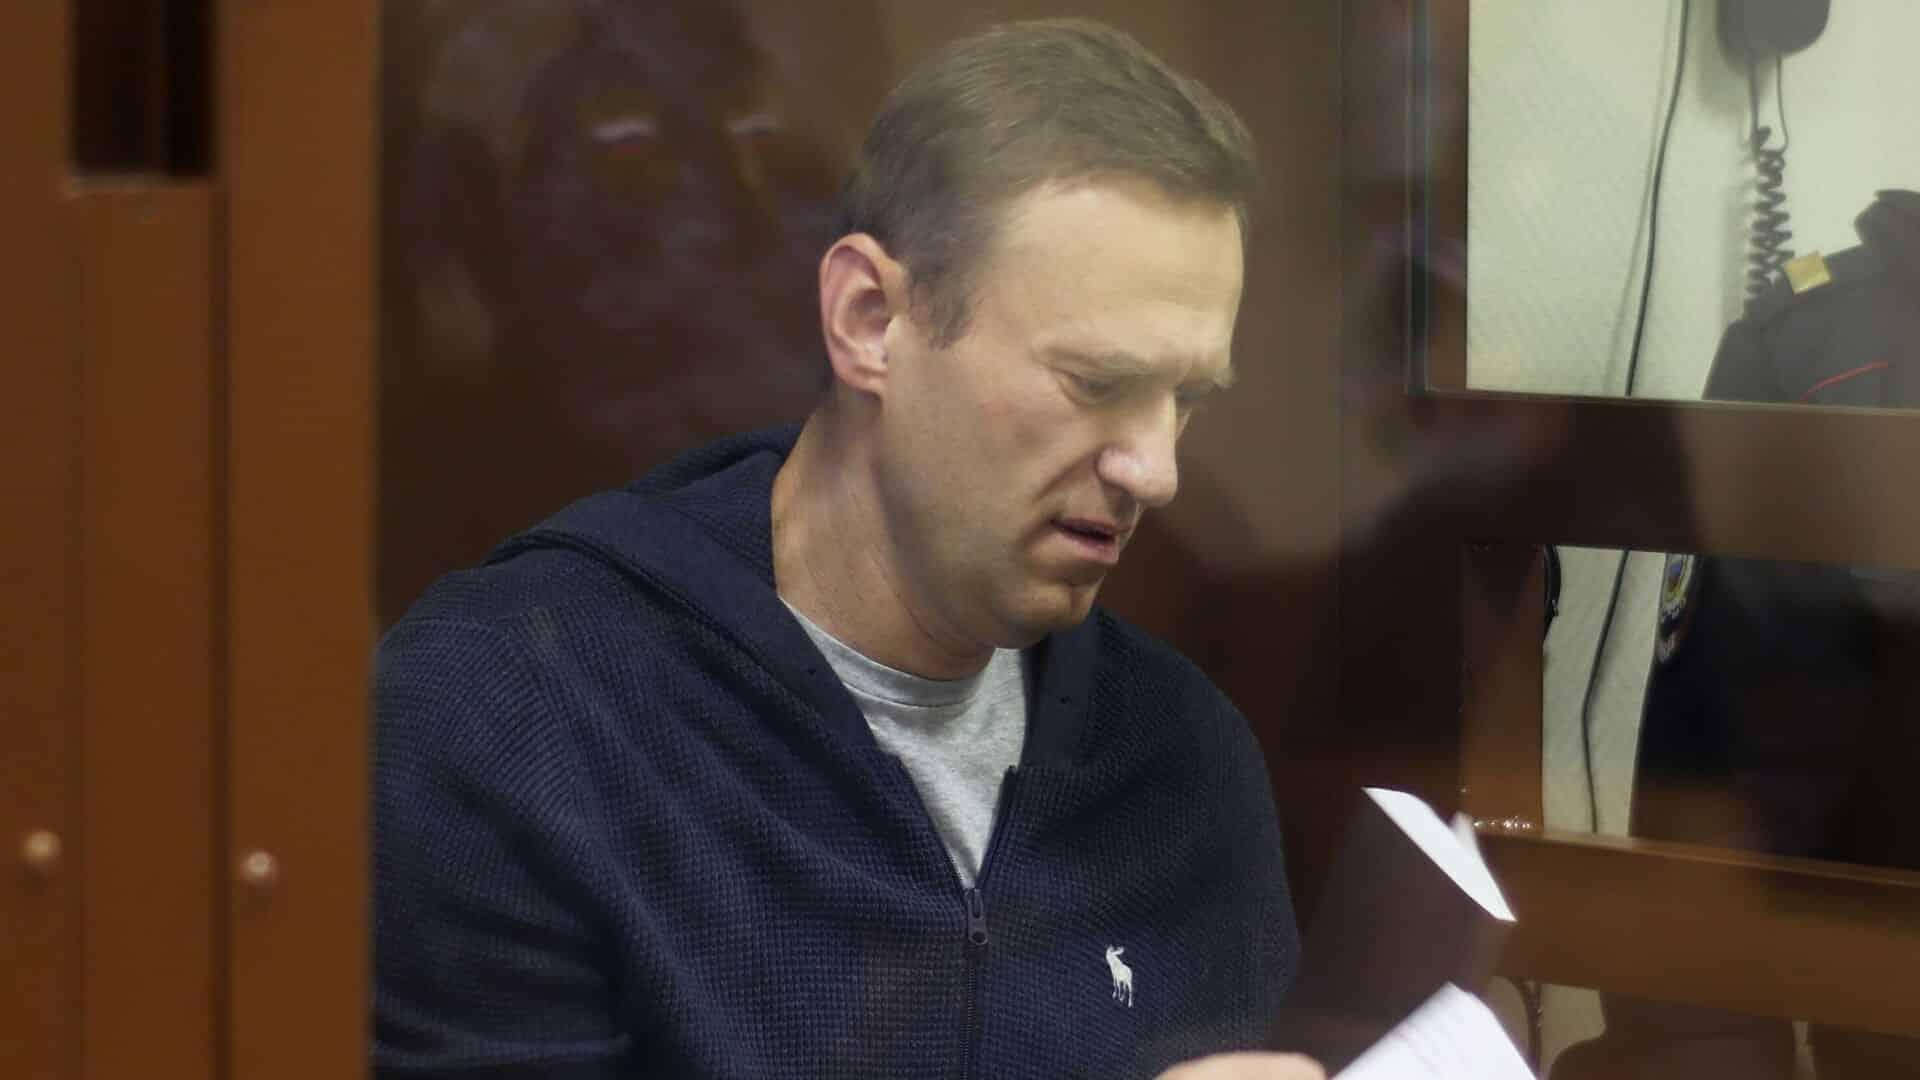 Шапито. Часть вторая. Навальный: котами забита вся камера. Присылайте и других животных...